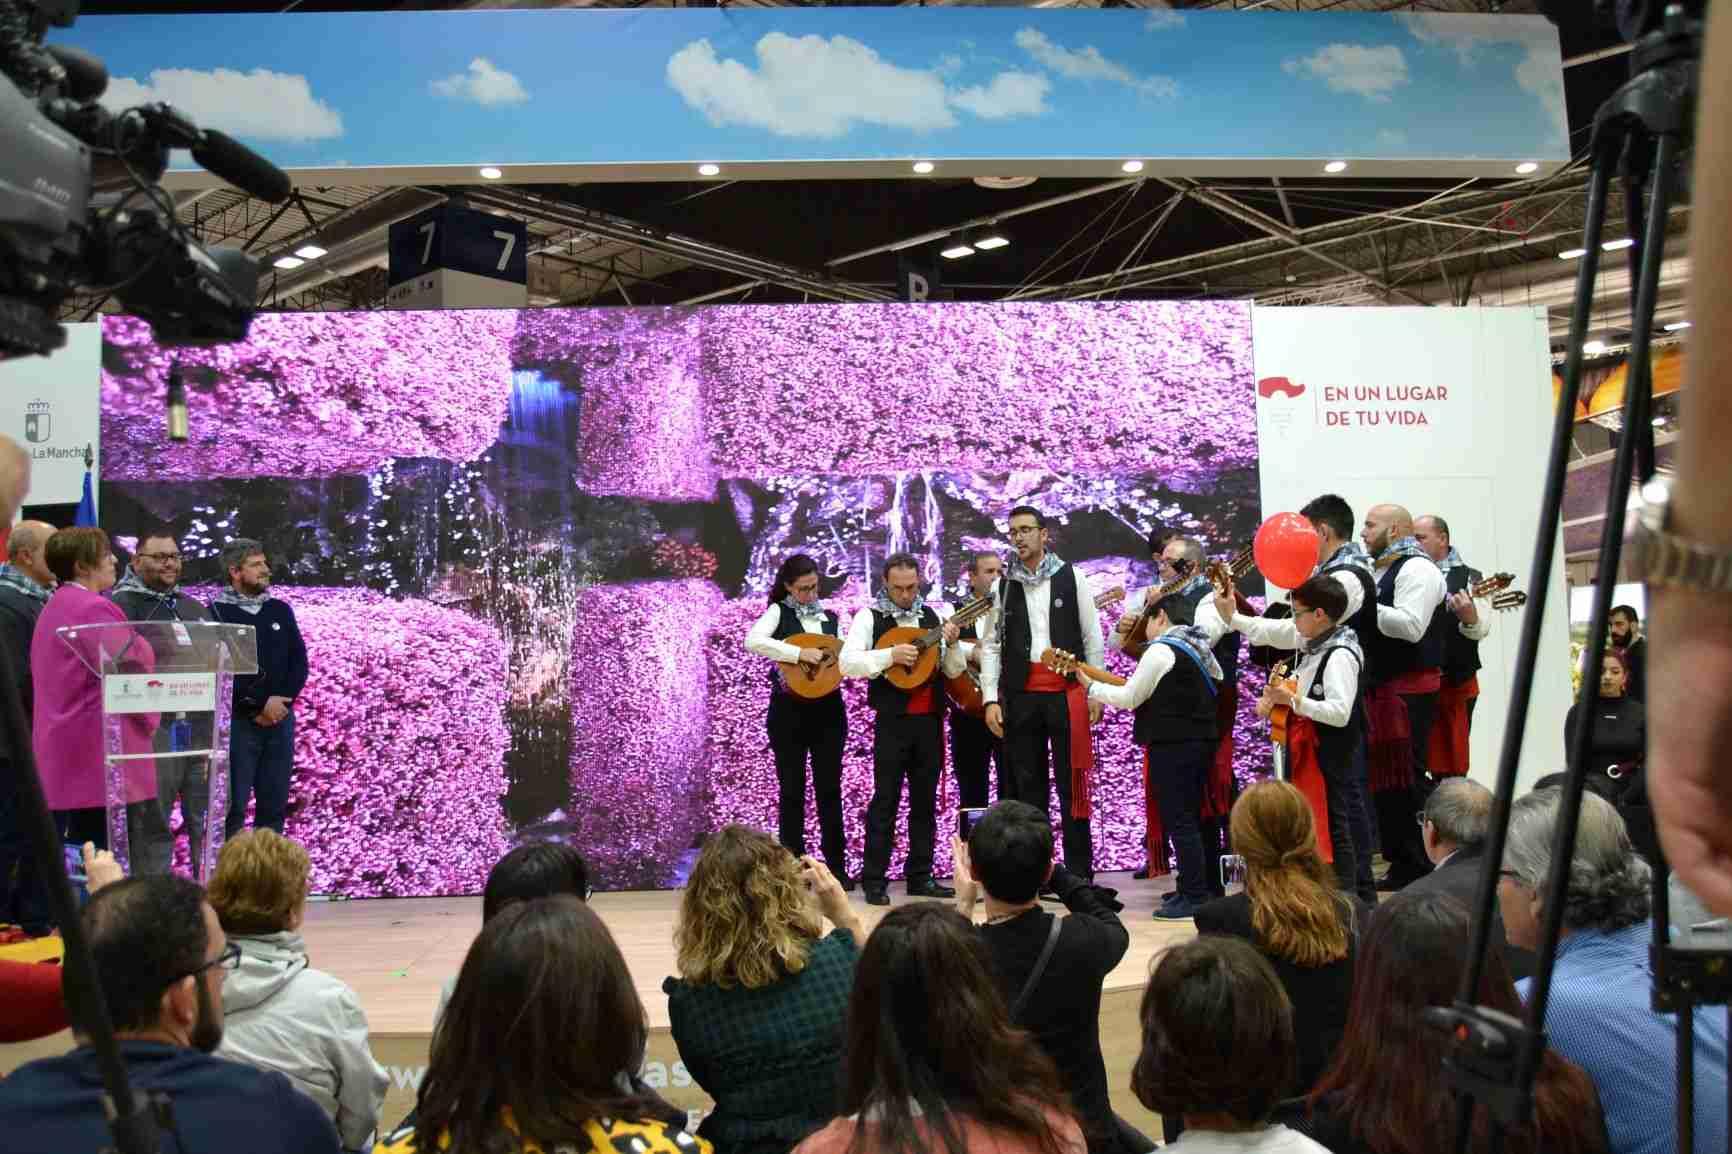 La música de los mayeros de Piedrabuena alegra el sábado de FITUR, Fiesta que aspira a ser declarada de Interés Turístico Nacional 10